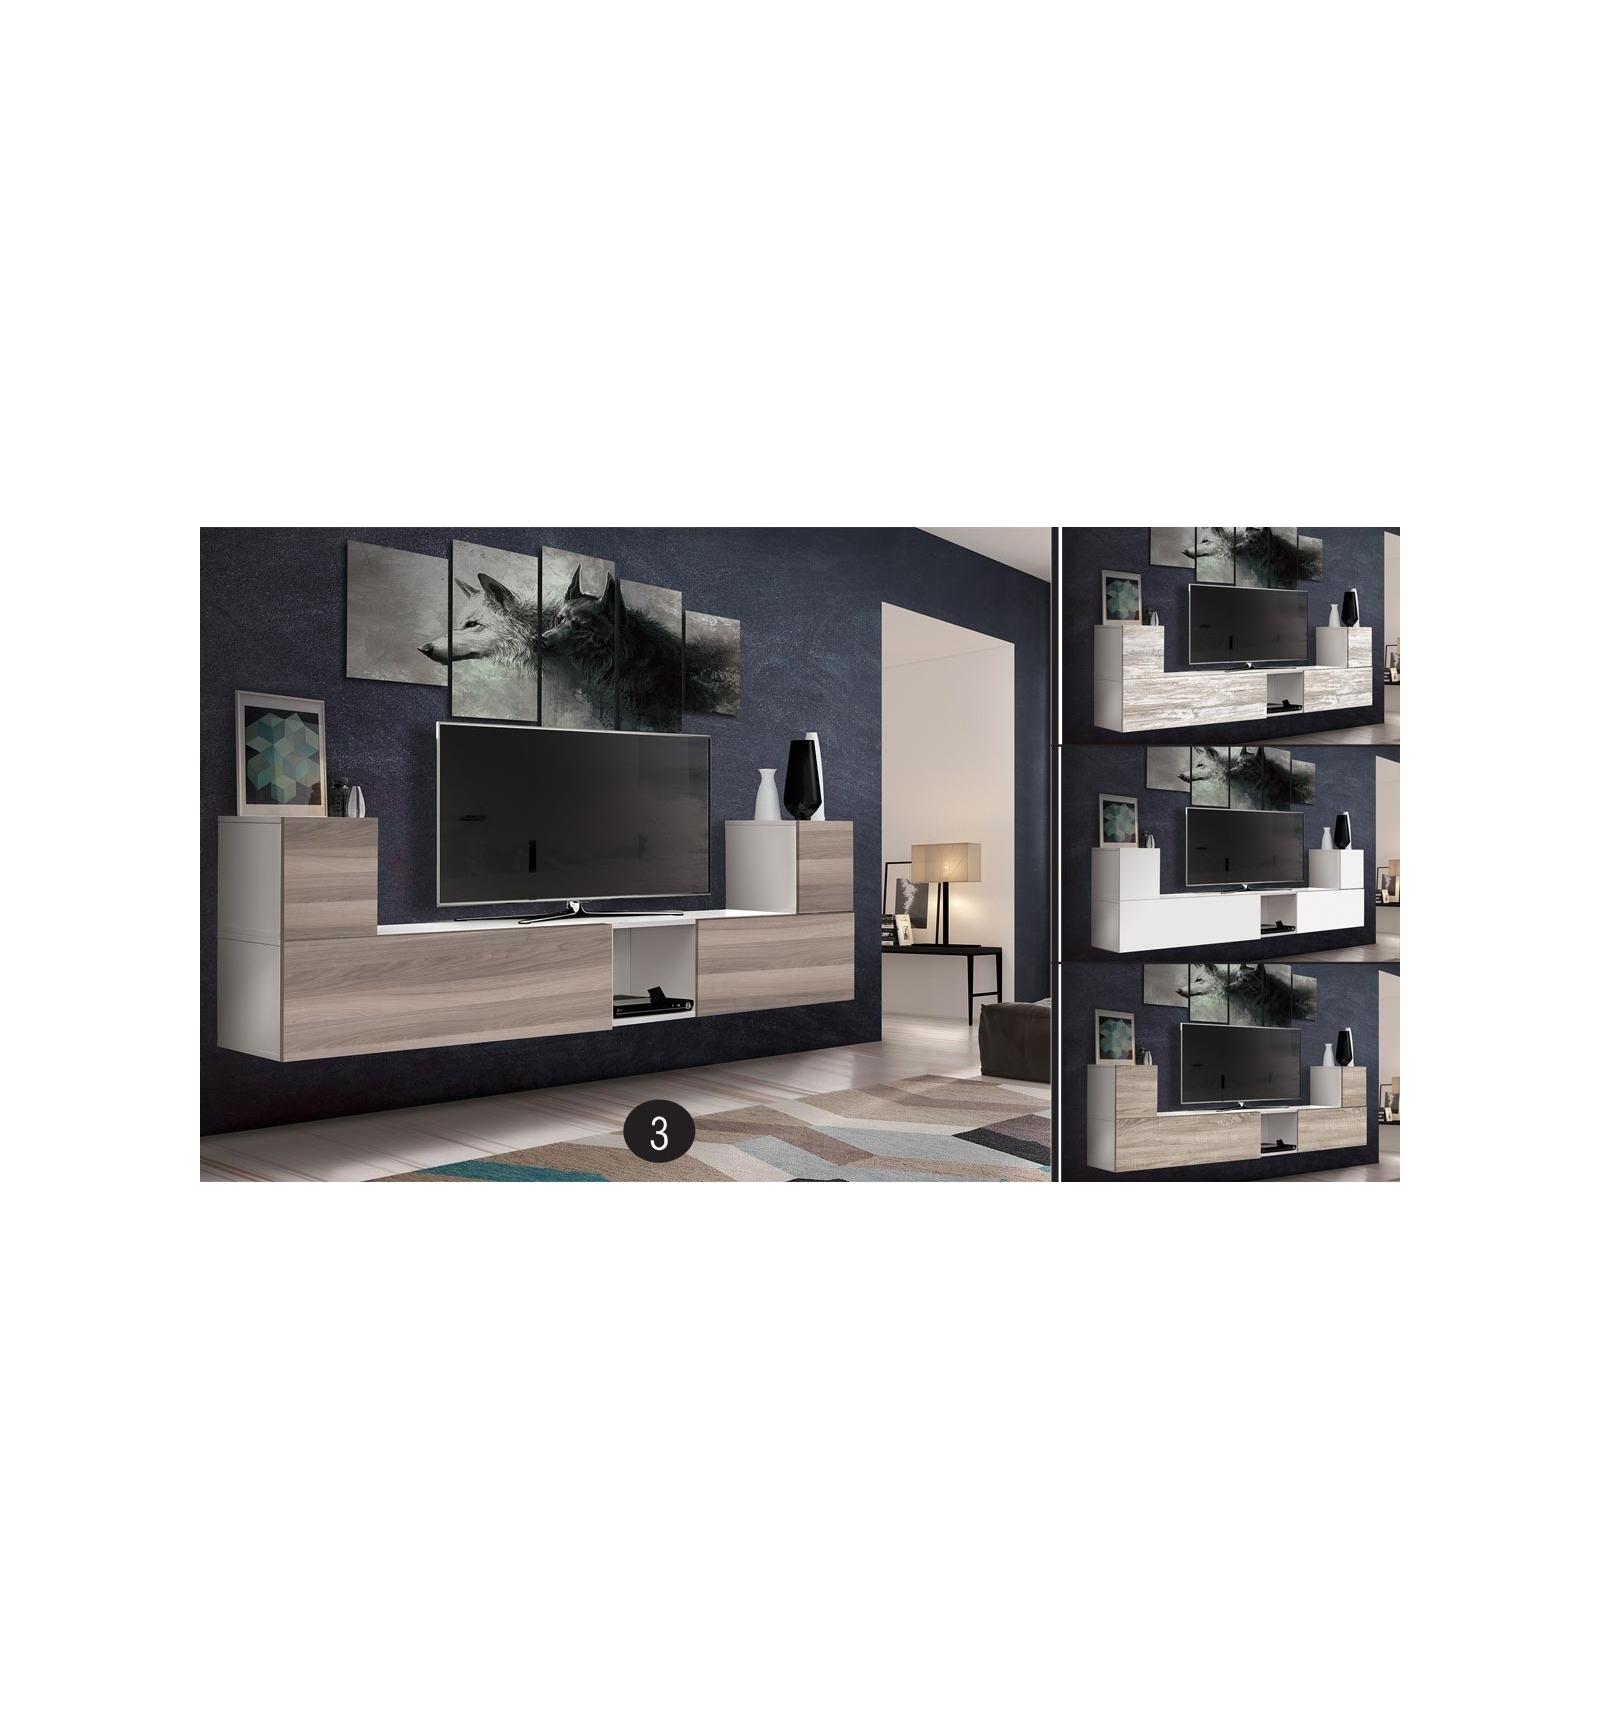 meuble modulaire de salon twist. Black Bedroom Furniture Sets. Home Design Ideas